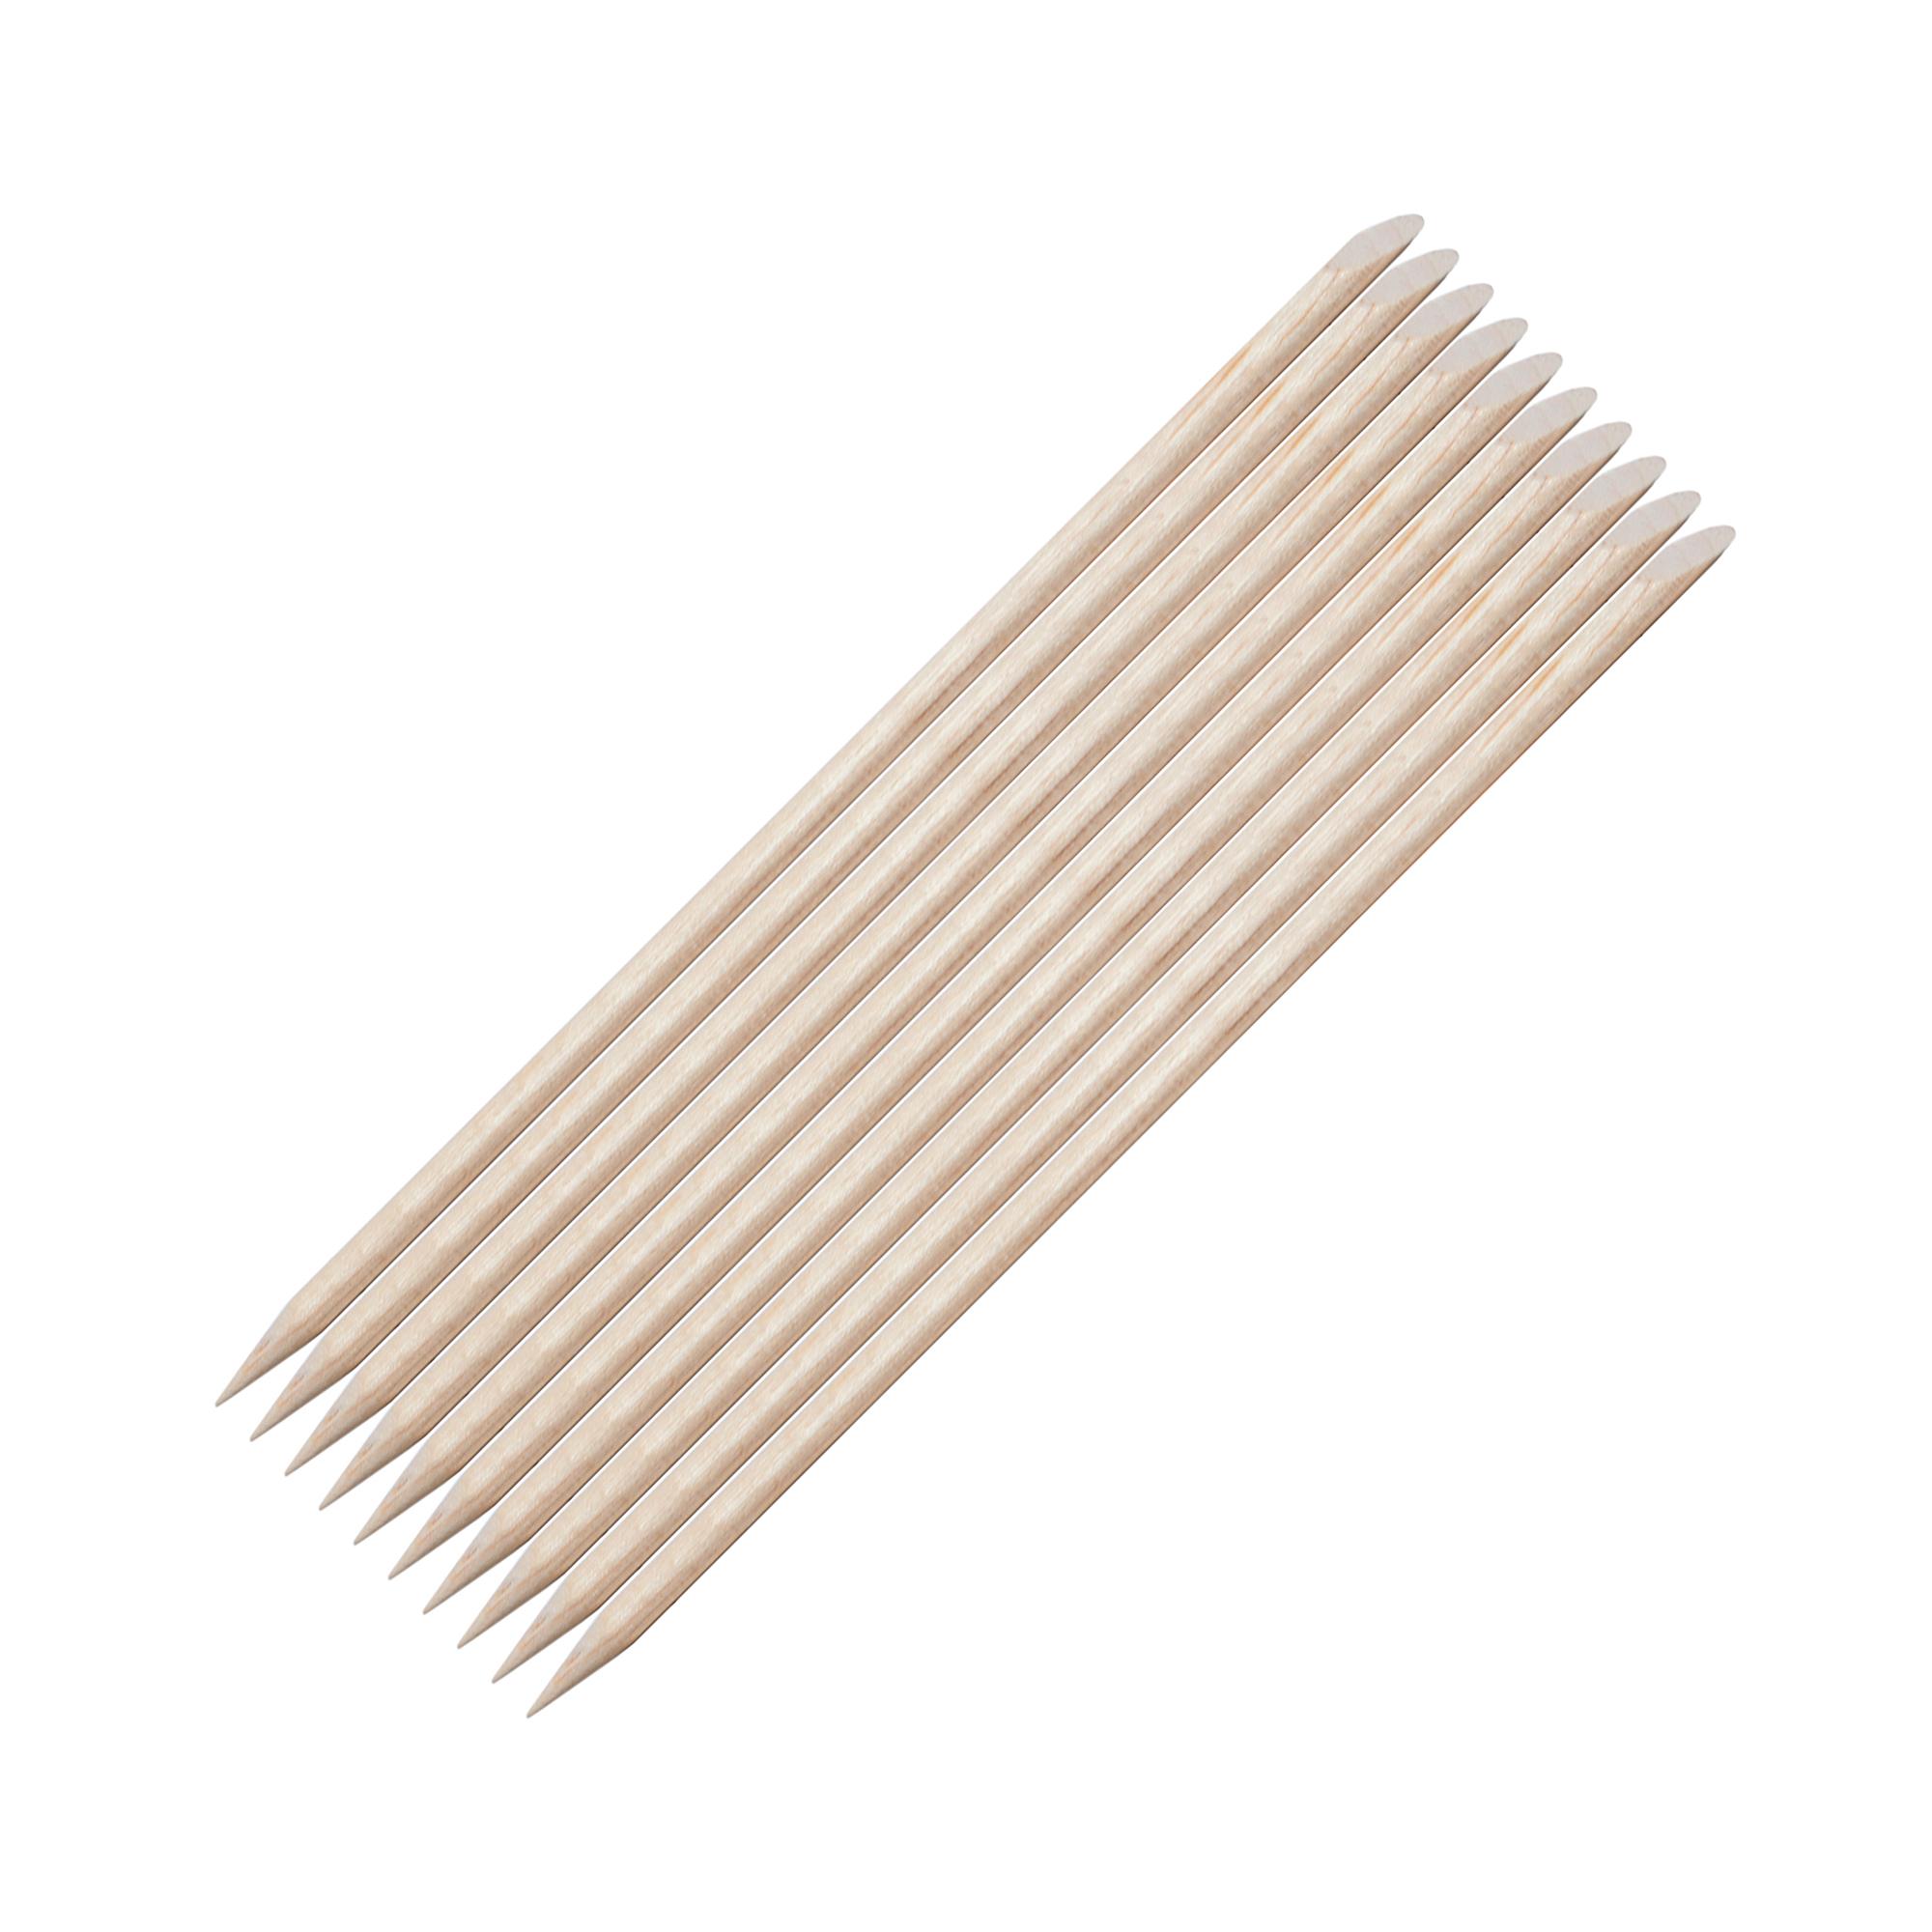 BERENICE Палочка апельсиновая 13 см (набор 10 шт) / BERENICEМаникюр-инструменты<br>Палочки изготовлены из высококачественного апельсинового дерева, которое обладает антисептическими свойствами. Апельсиновые палочки BERENICE имеют удлинённую форму, которая очень удобна для работы. Это идеальный инструмент для обработки кутикулы. С помощью апельсиновой палочки также можно очистить внутреннюю поверхность ногтевой пластины и нанести на ноготь мелкие элементы для дизайна (наклейки, стразы и др.) Рекомендуется для домашнего и профессионального использования. В комплект входит 10 палочек.<br>